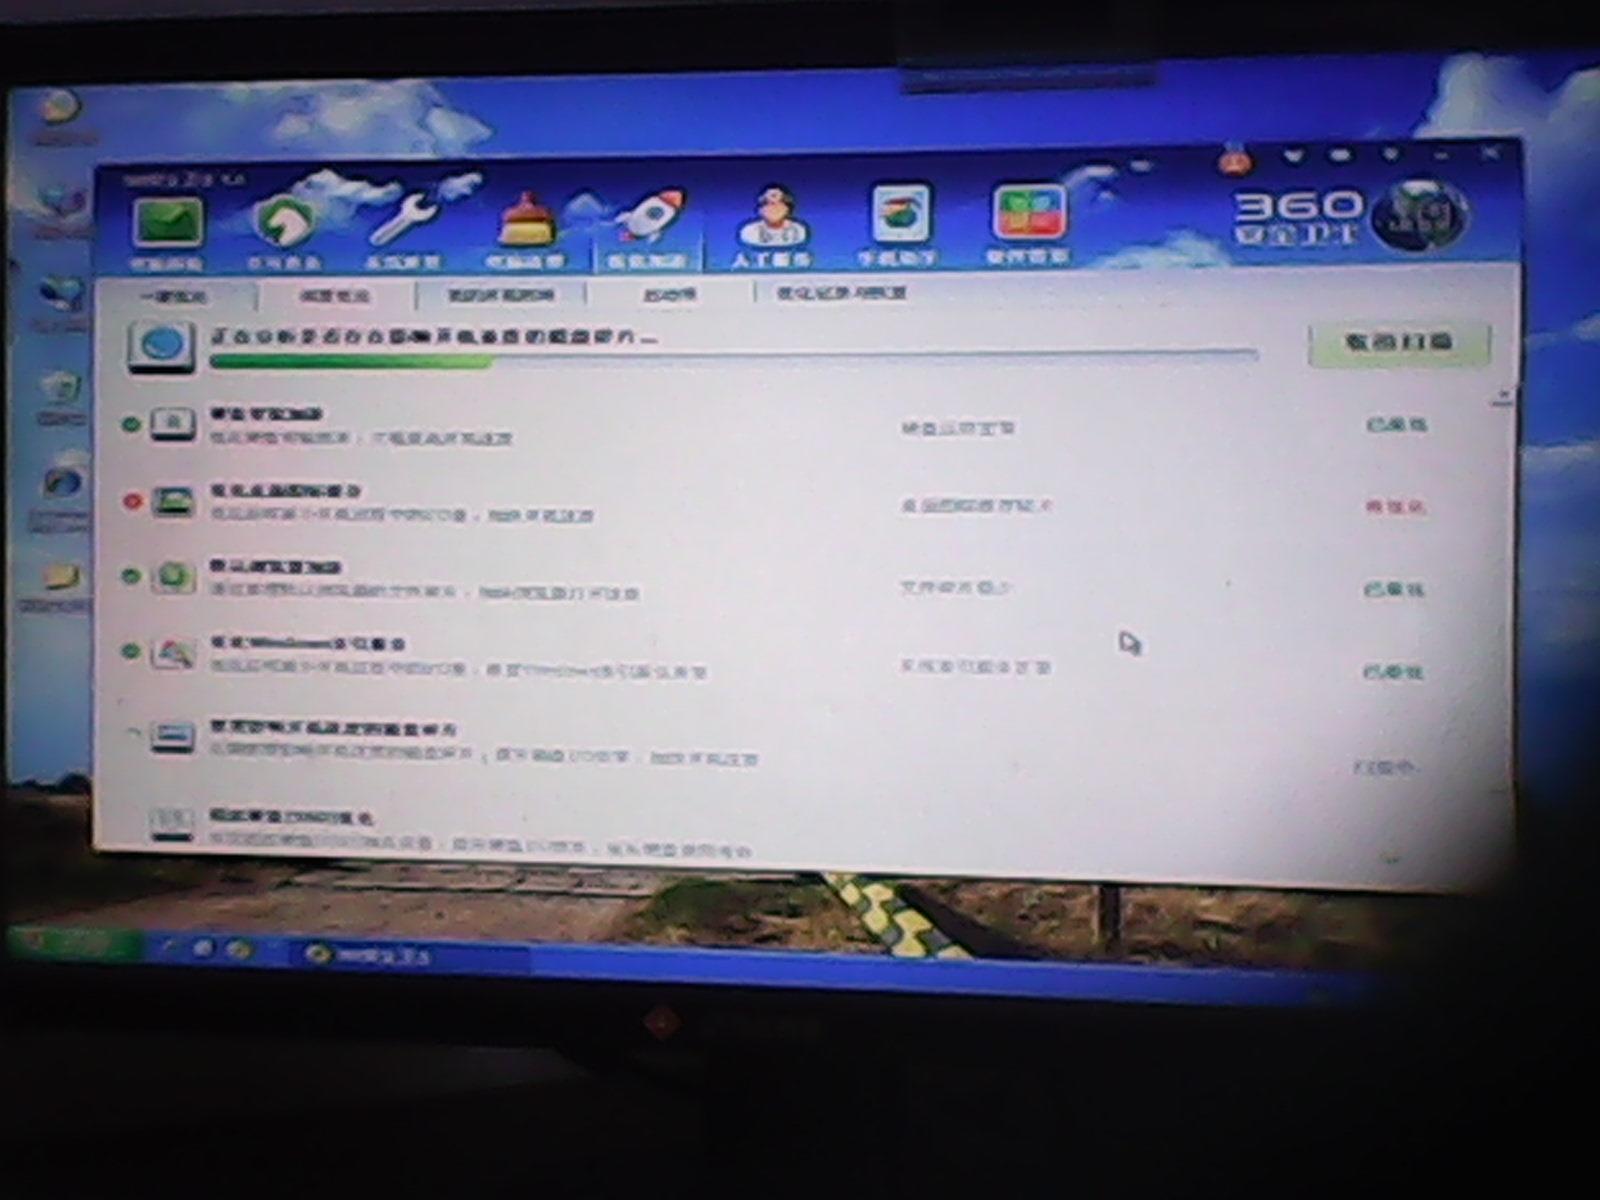 电脑开机不显示桌面图标,只有壁纸图片